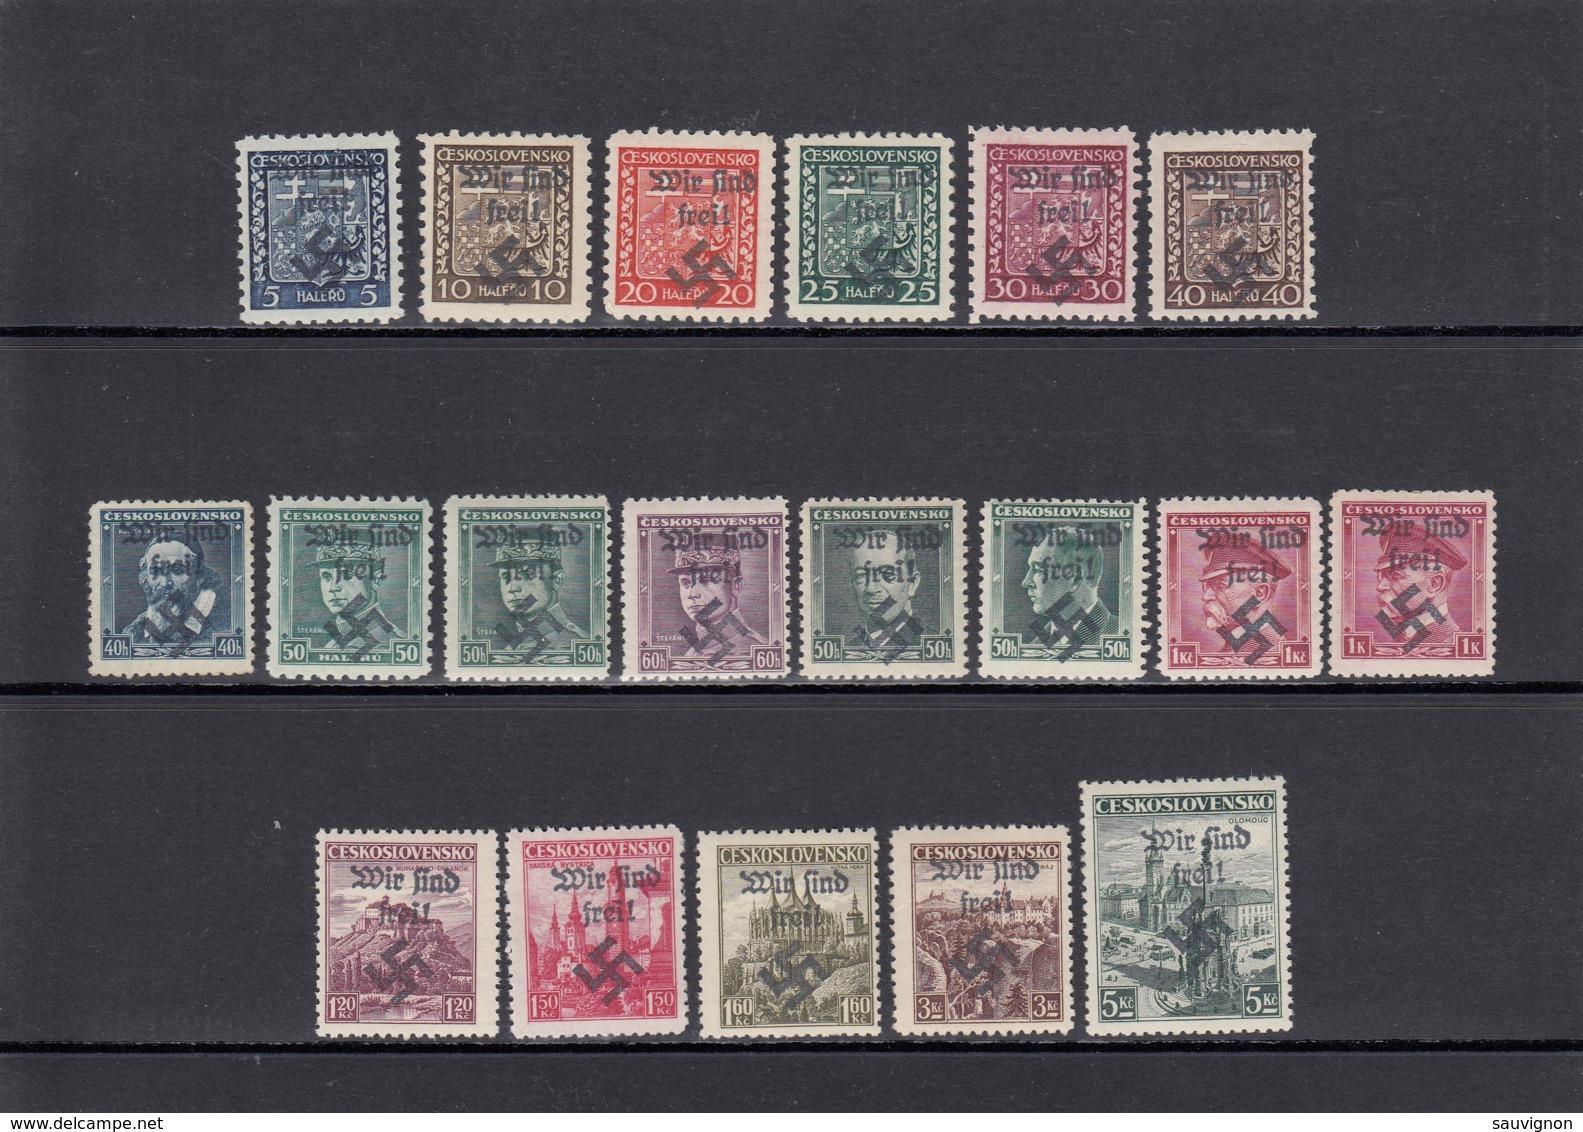 Deutsches Reich. 4 Steckkarten Lokalausgaben Sudetenland-Überdrucke 1938 - Besetzungen 1938-45